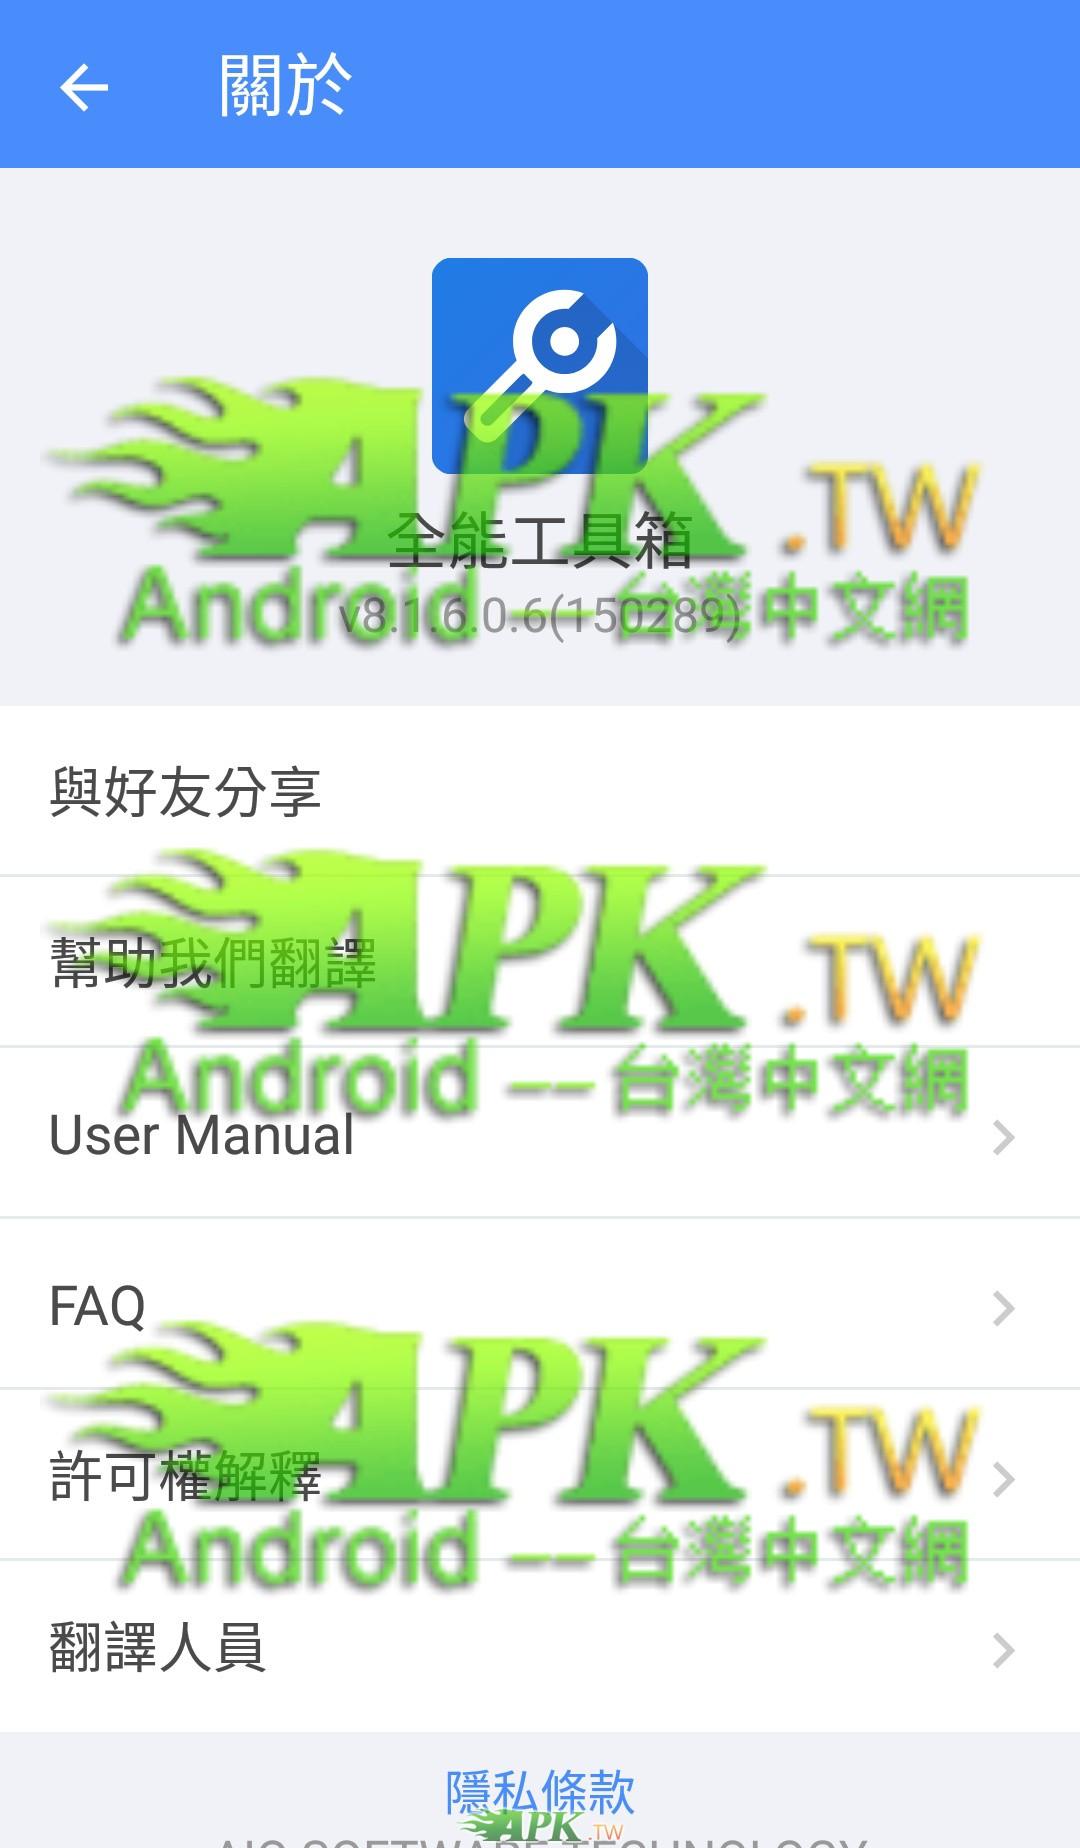 AIO_Toolbox__4_.jpg